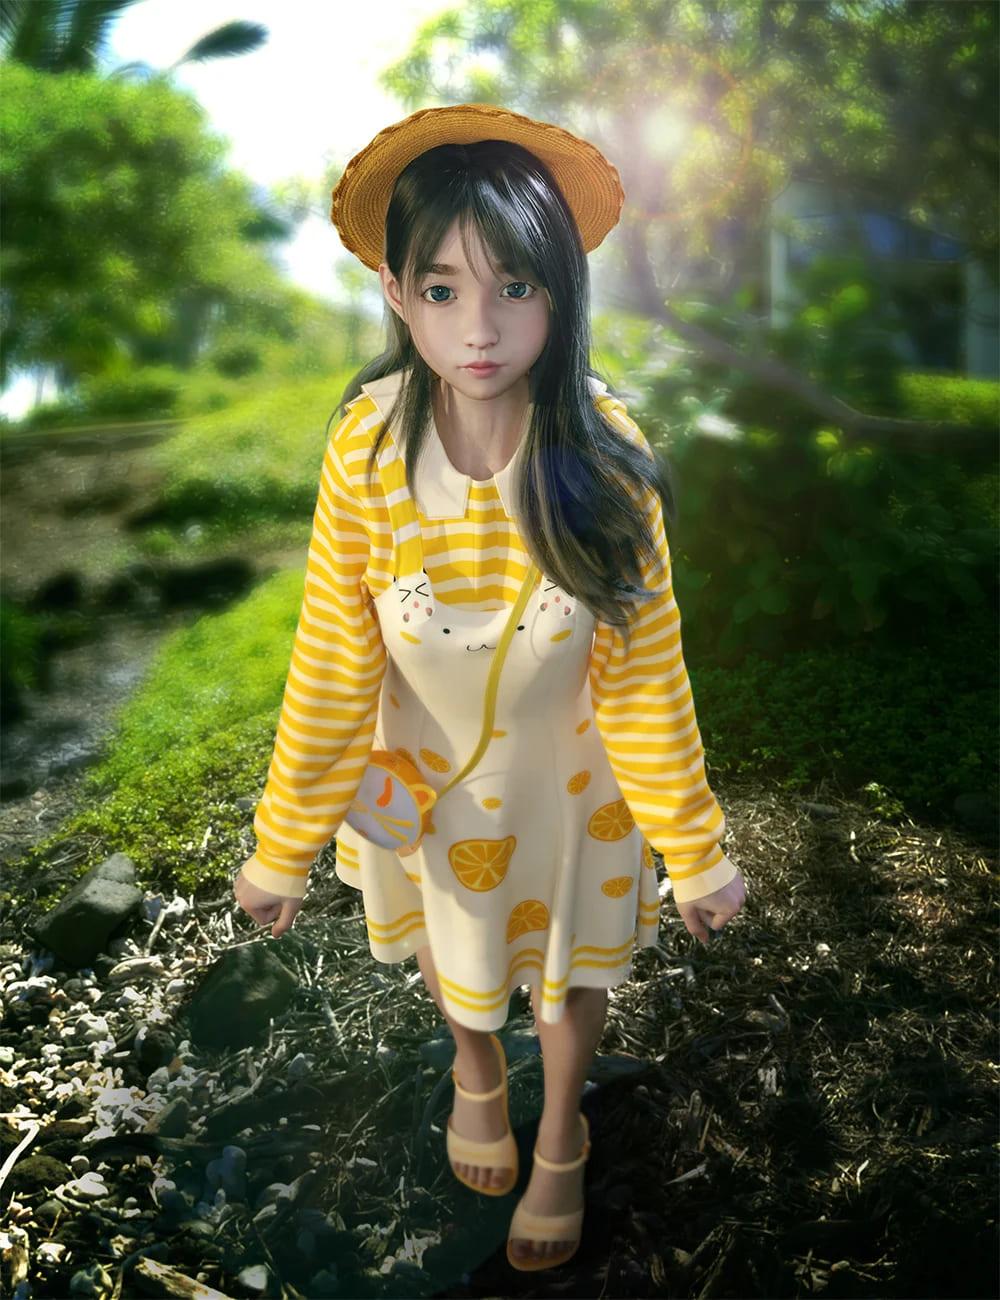 dForce SY Cute Suspender Skirt for Genesis 8 Females_DAZ3D下载站